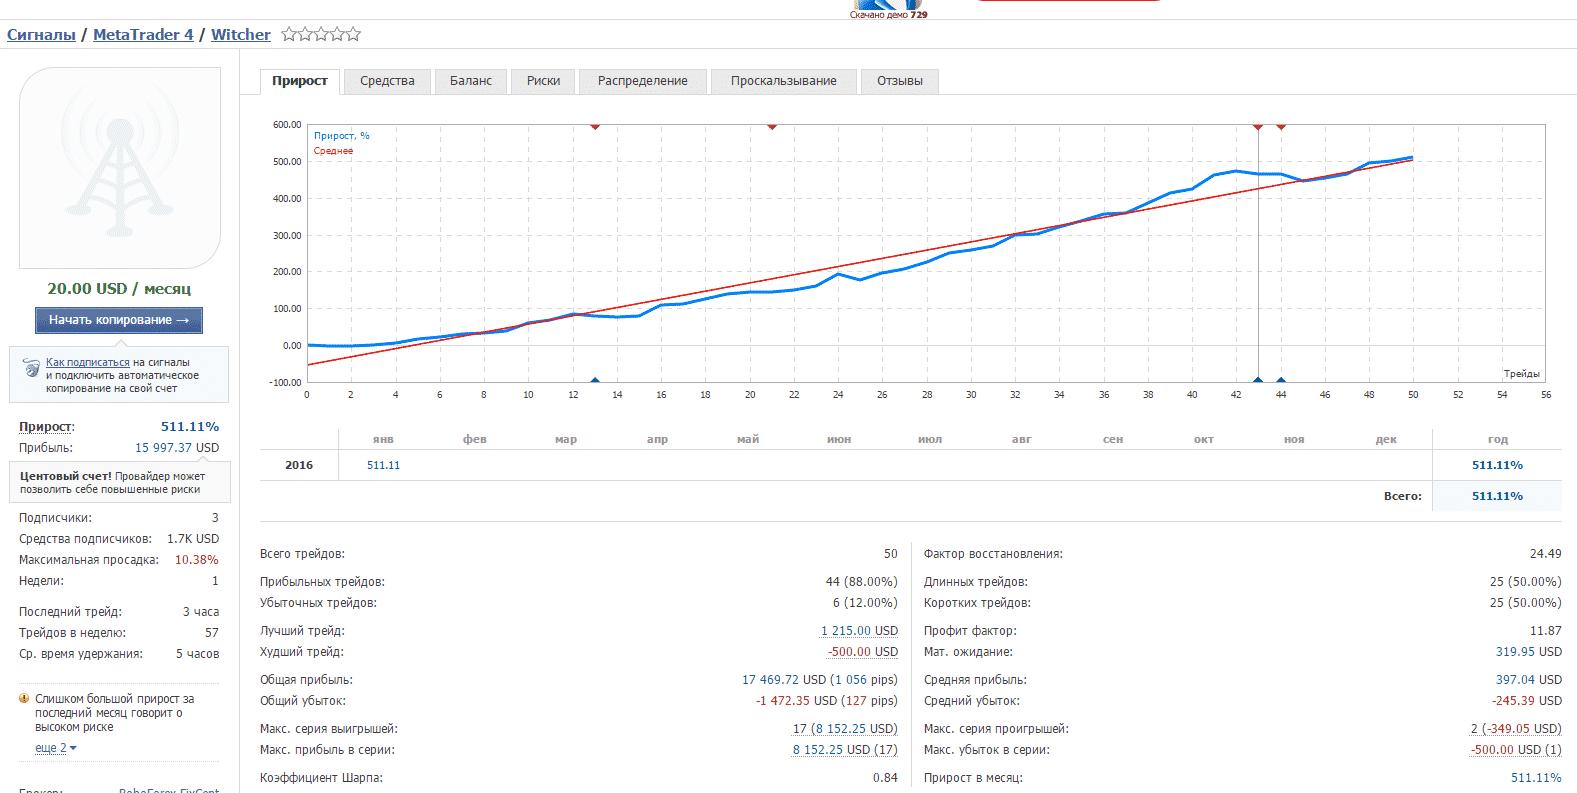 Рейтинг торговых роботов для форекс внешний долг россии 2014